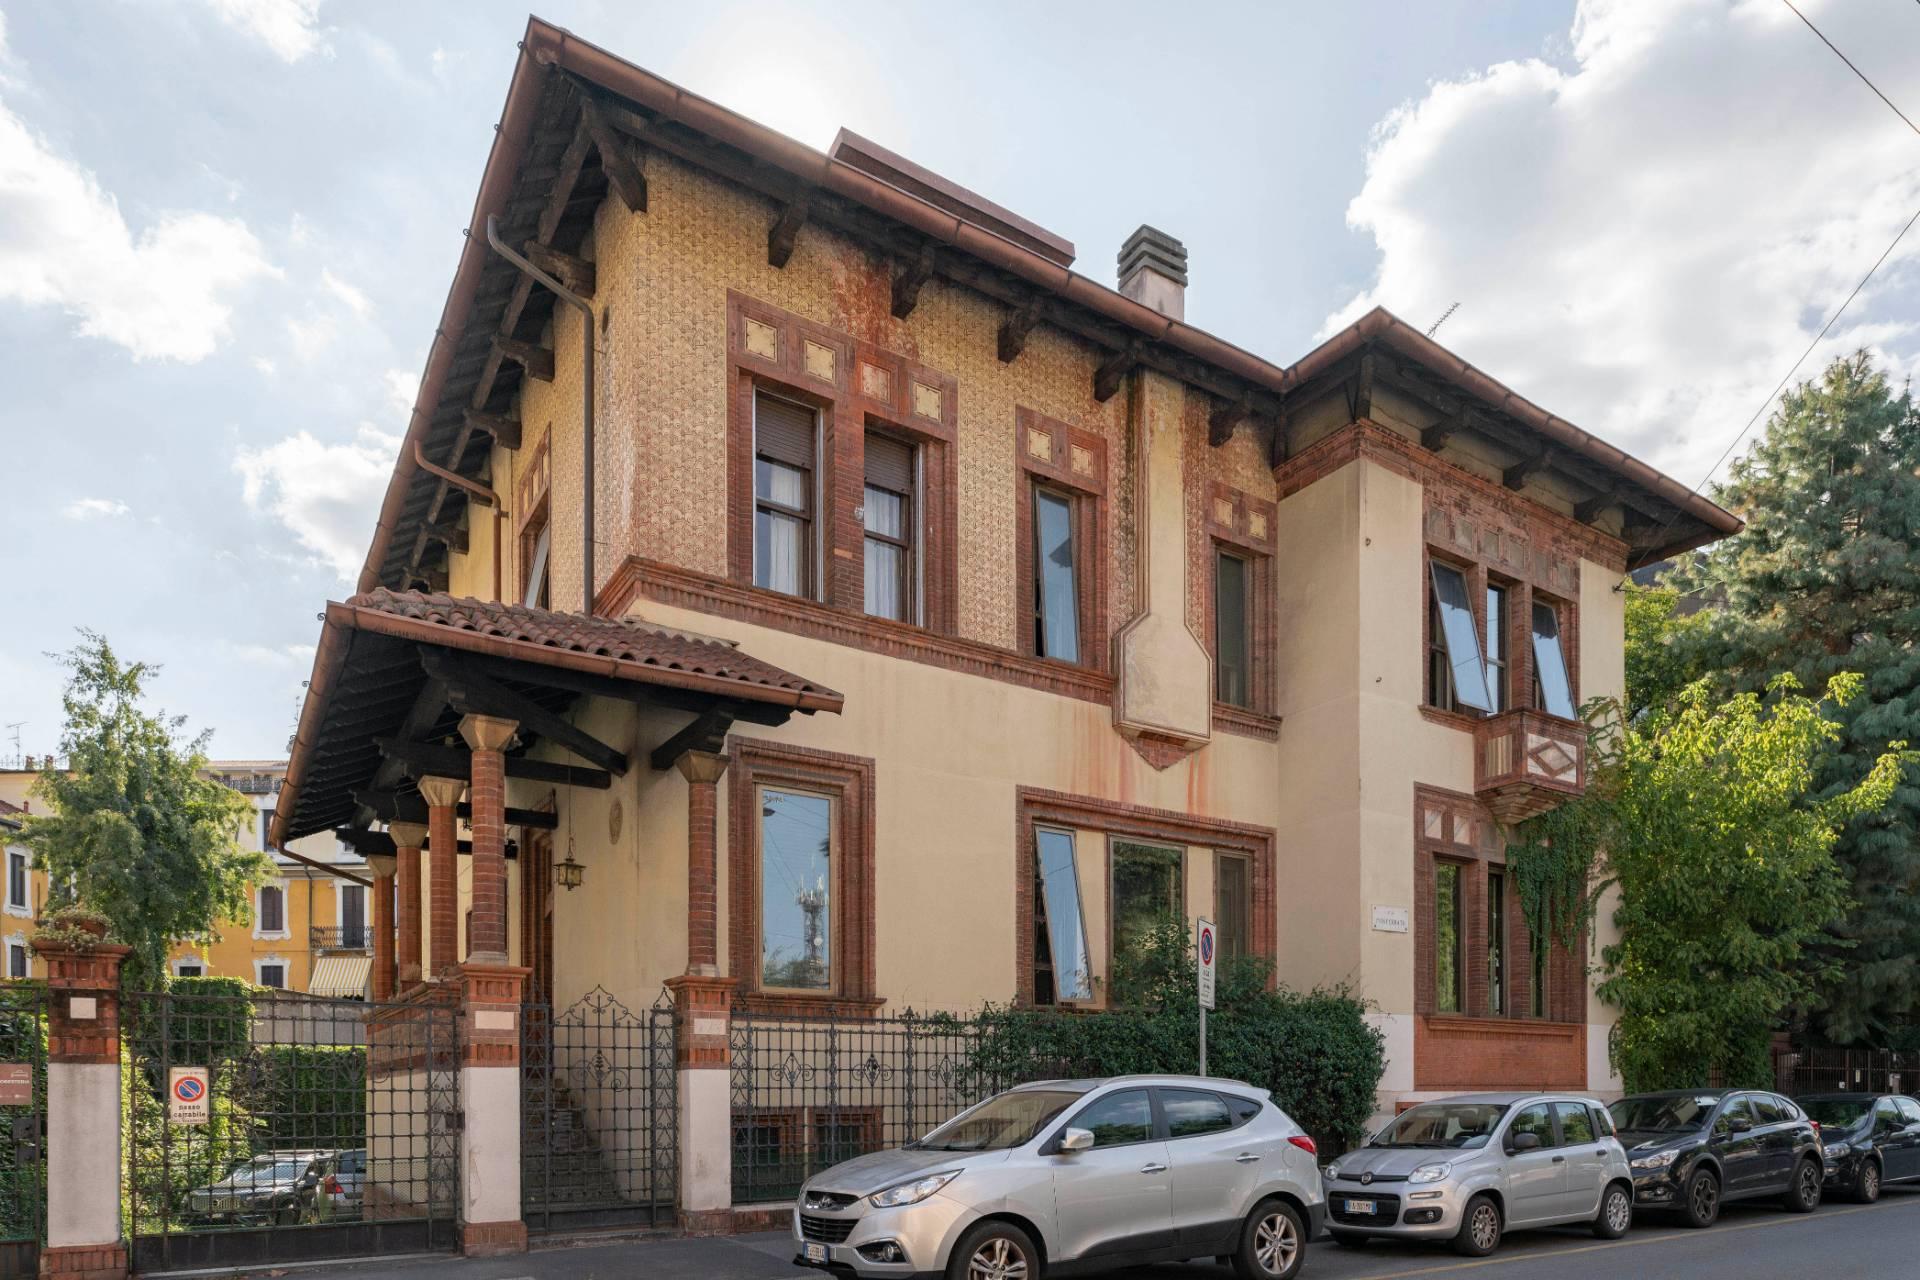 Villa in Vendita a Milano 08 Vercelli / Magenta / Cadorna / Washington: 5 locali, 820 mq